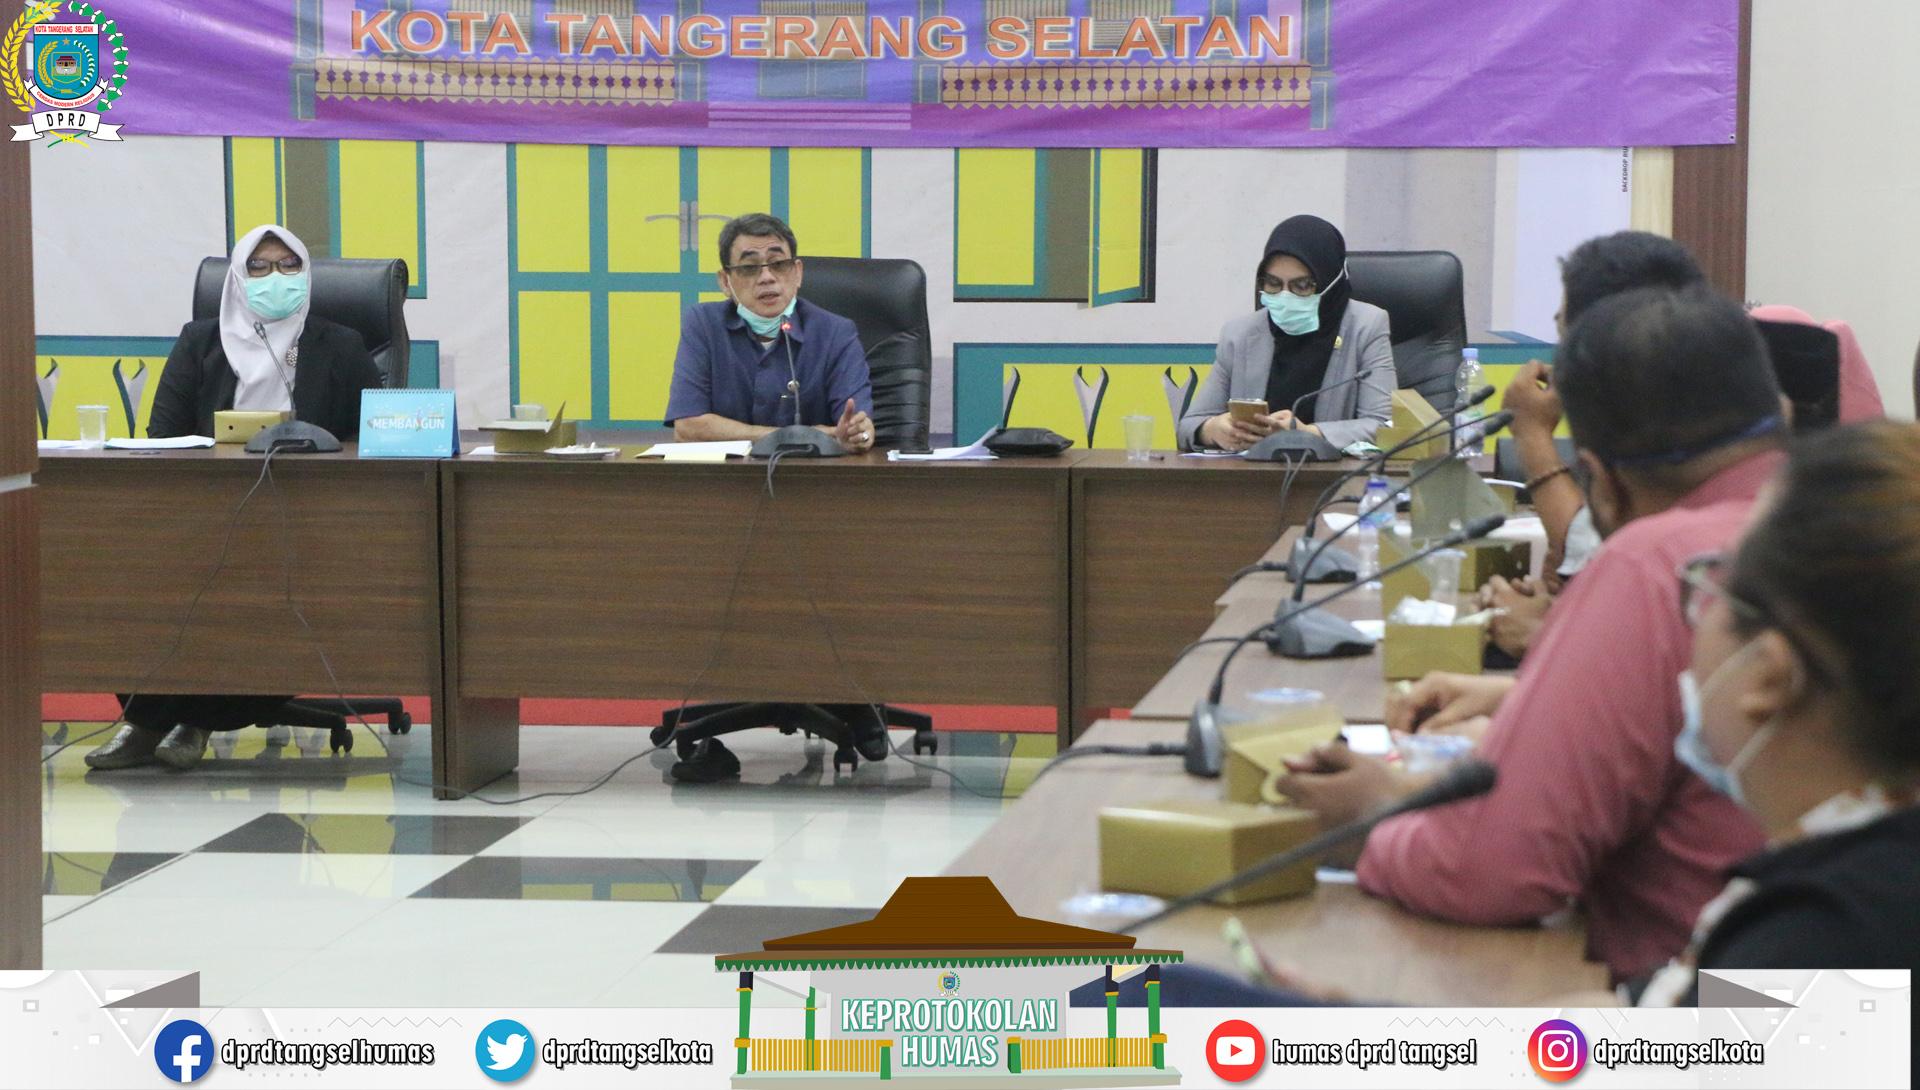 Penerimaan Audiensi dari FKPS Kota Tangerang Selatan